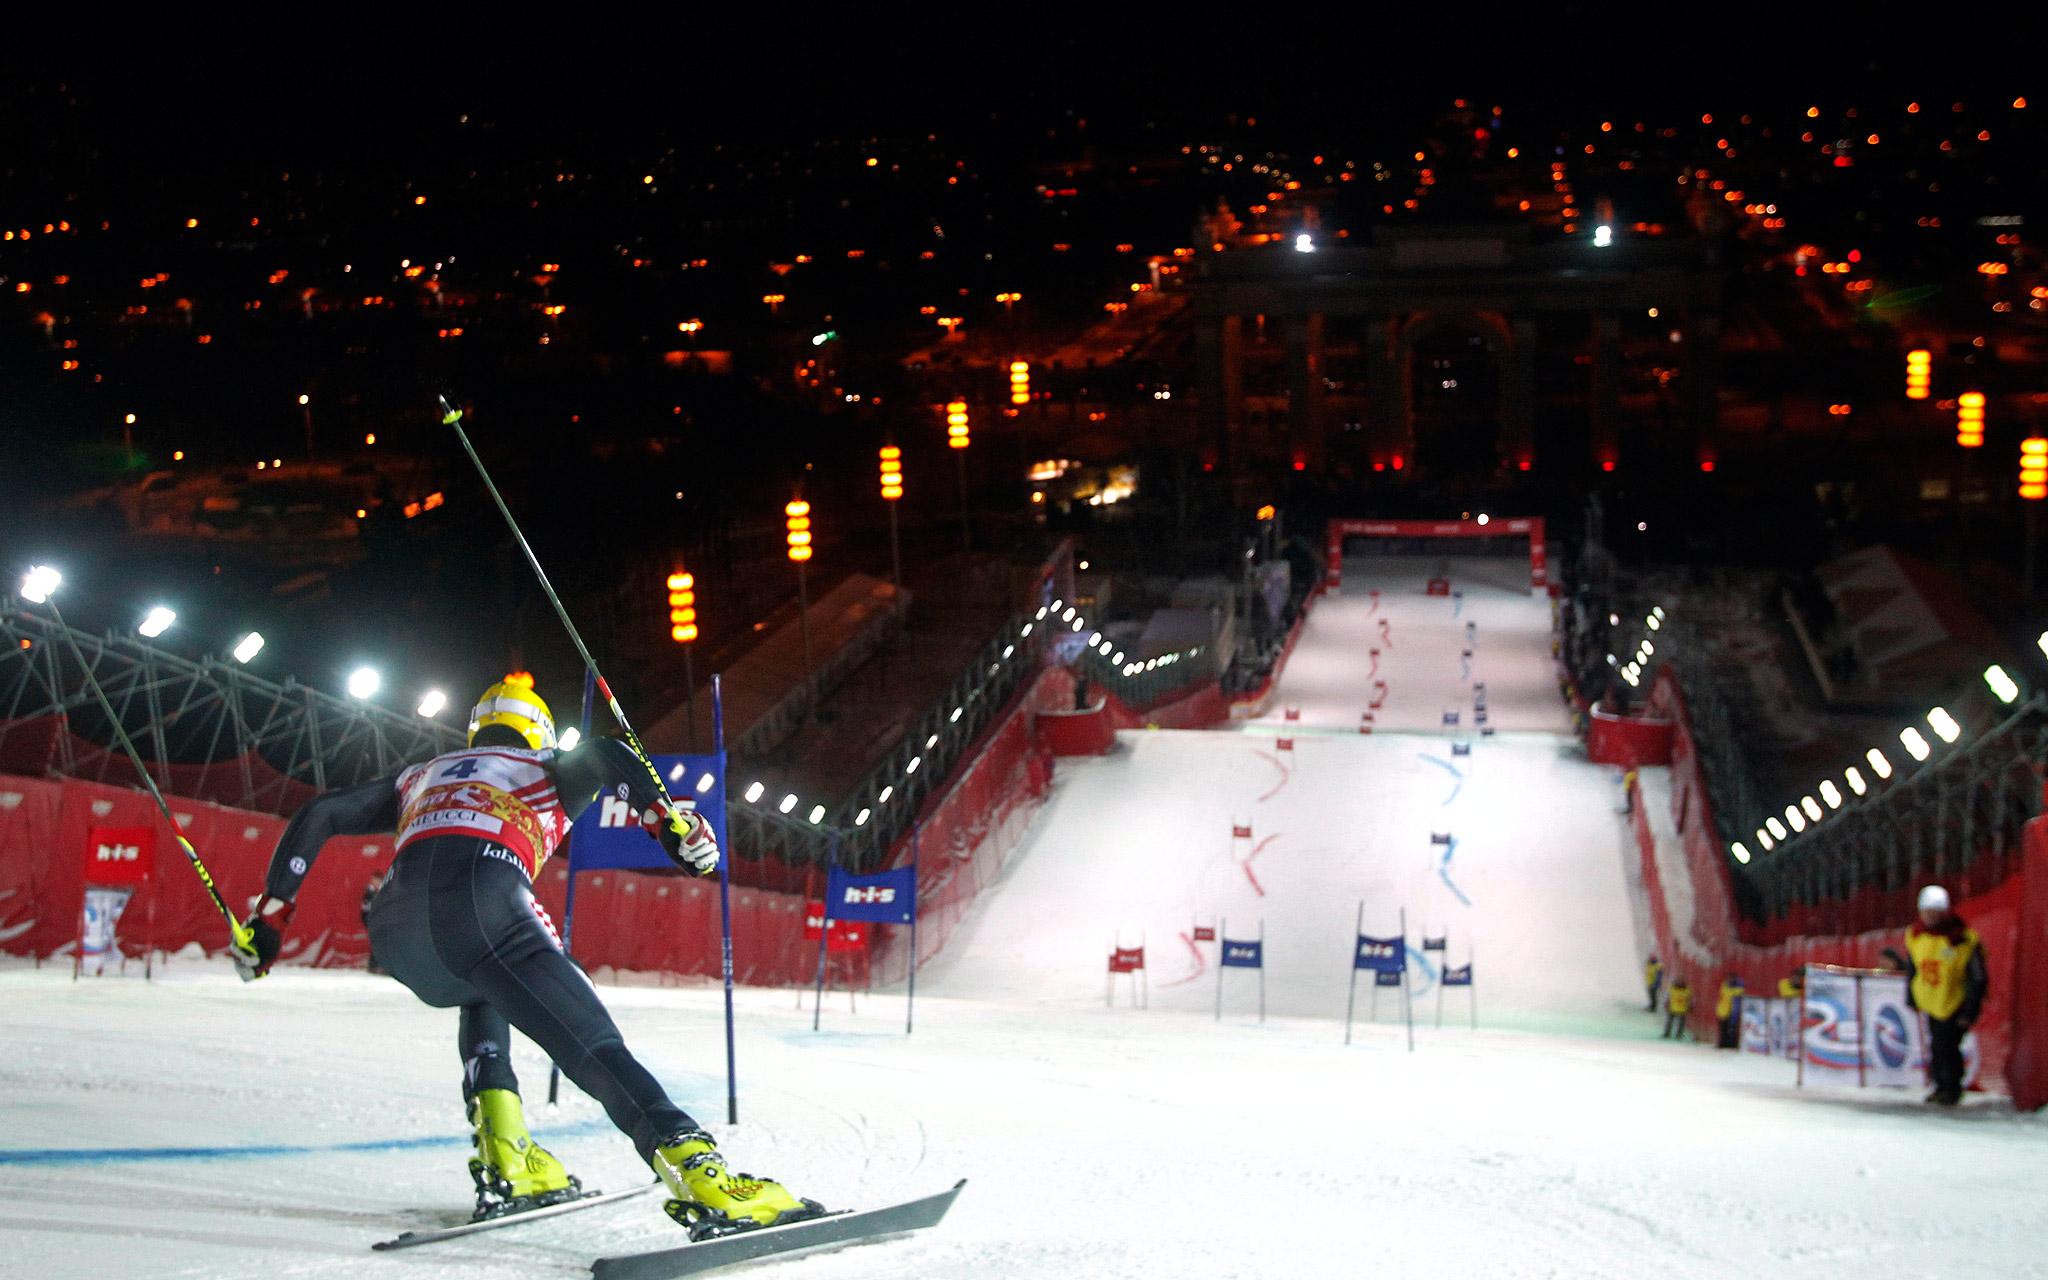 On your mark, get set, ski!